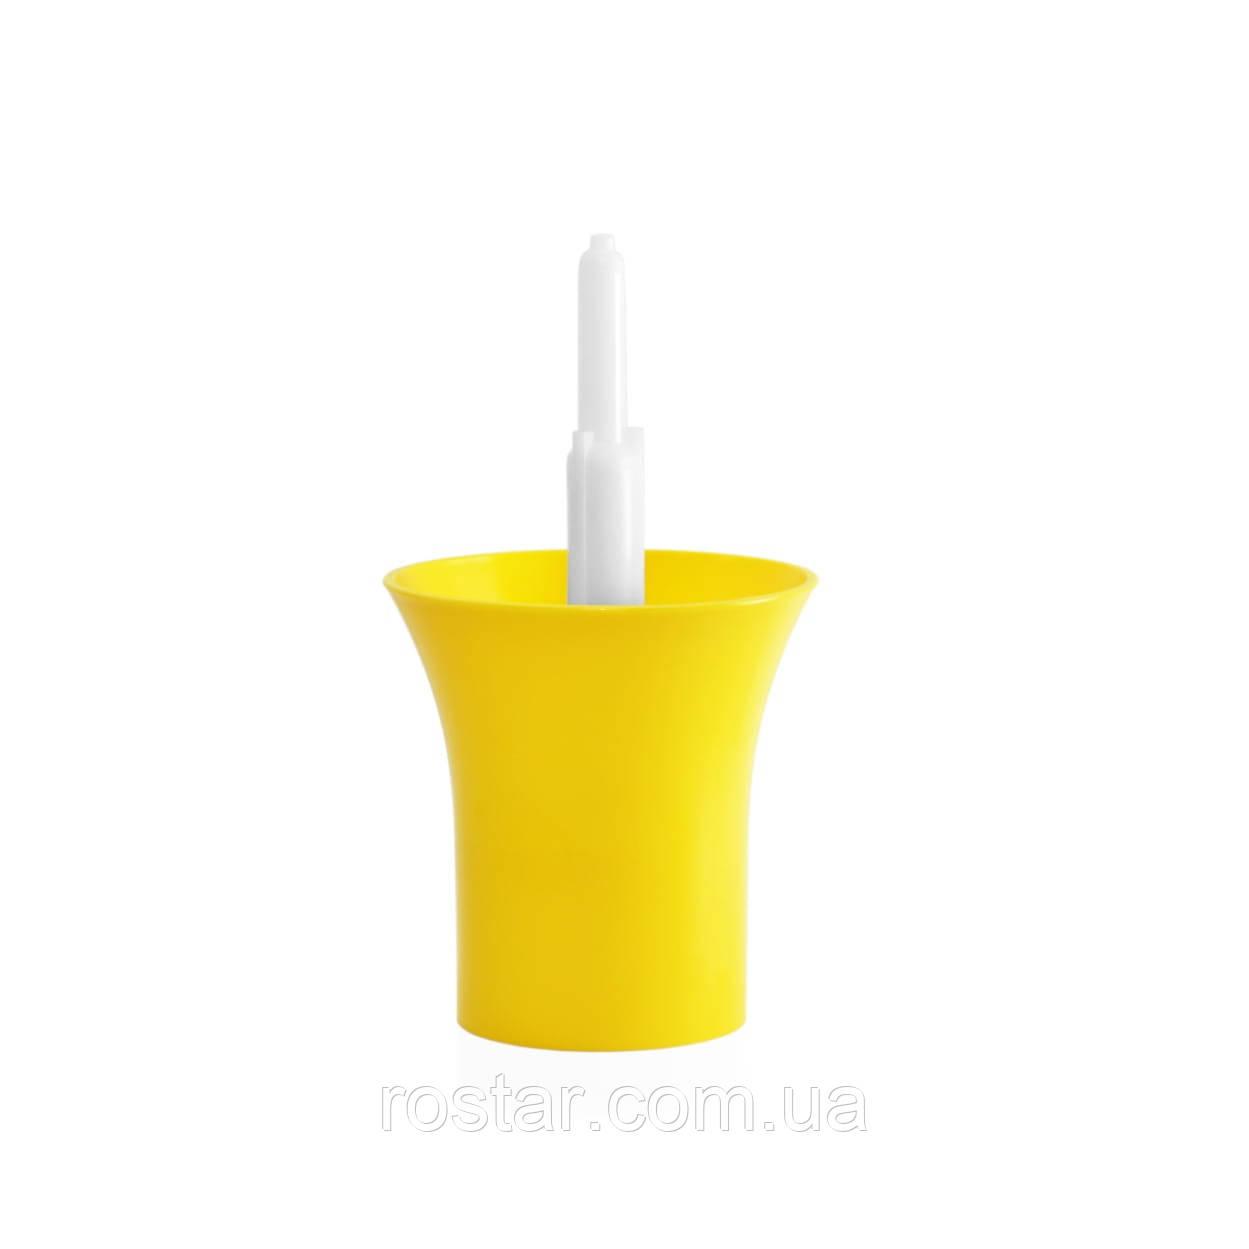 Пристрій для стерилізації / промивання пляшок